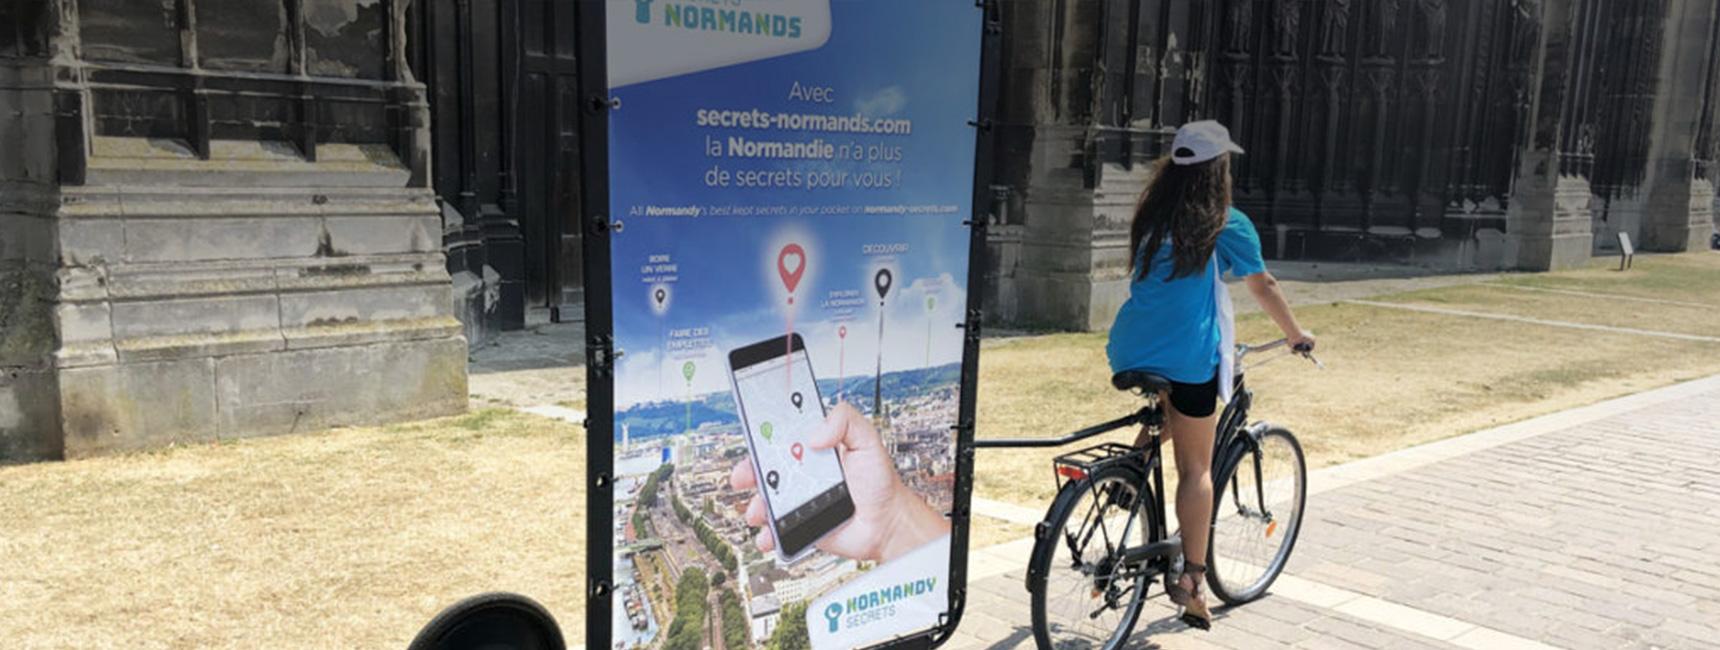 CRT Normandie street marketing affichage mobile Keemia Tours Agence marketing local en région Centre Normandie